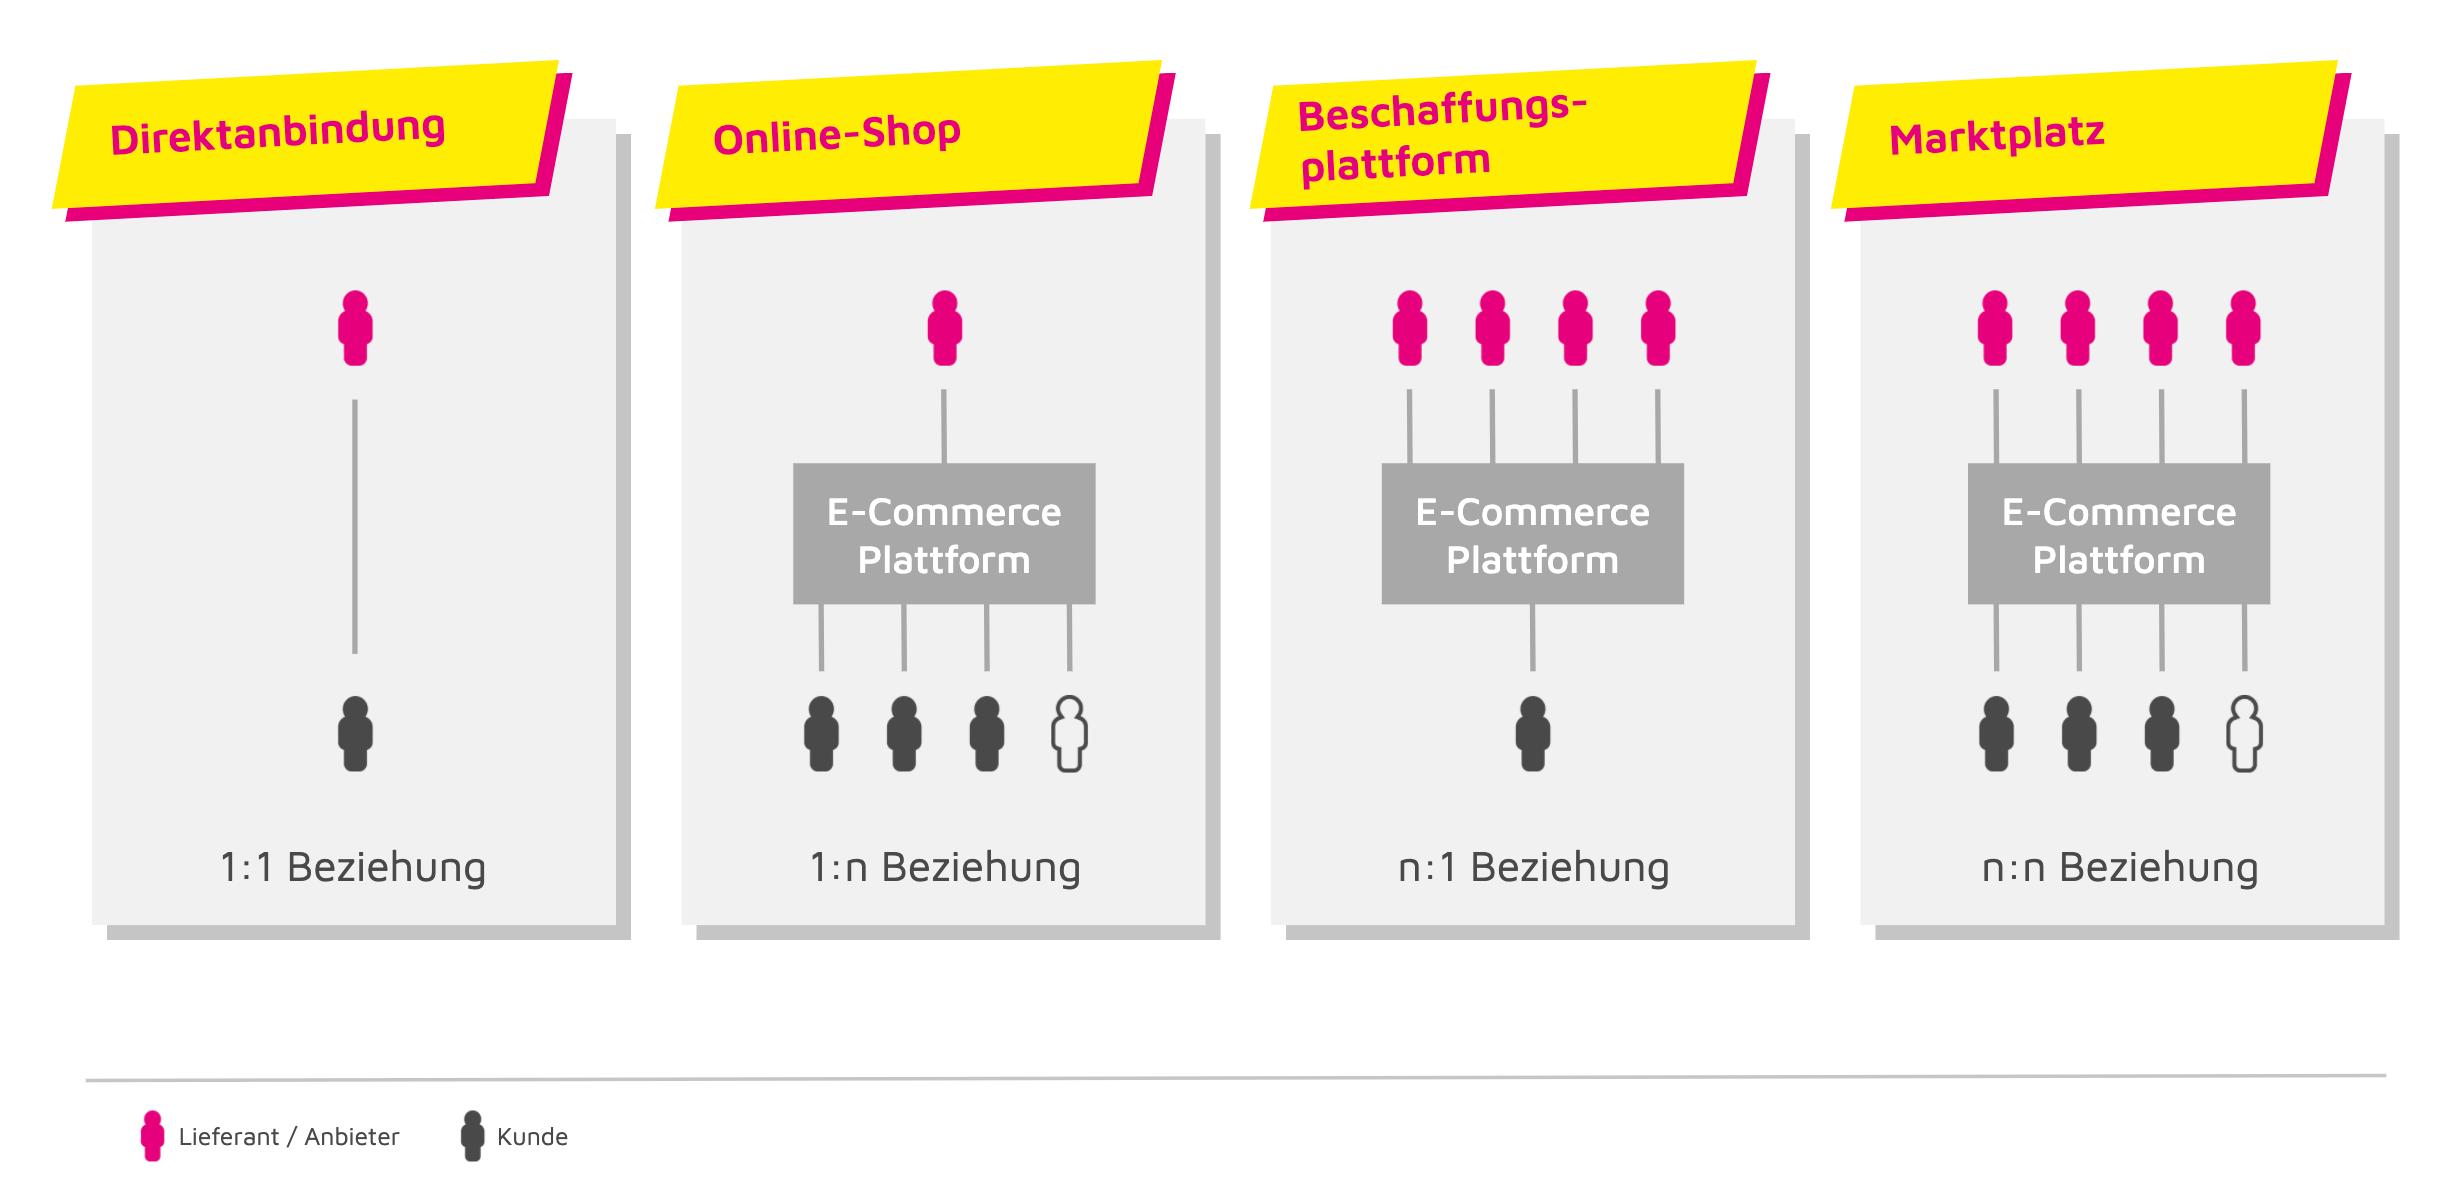 B2B E-Commerce Transaktionsmodelle